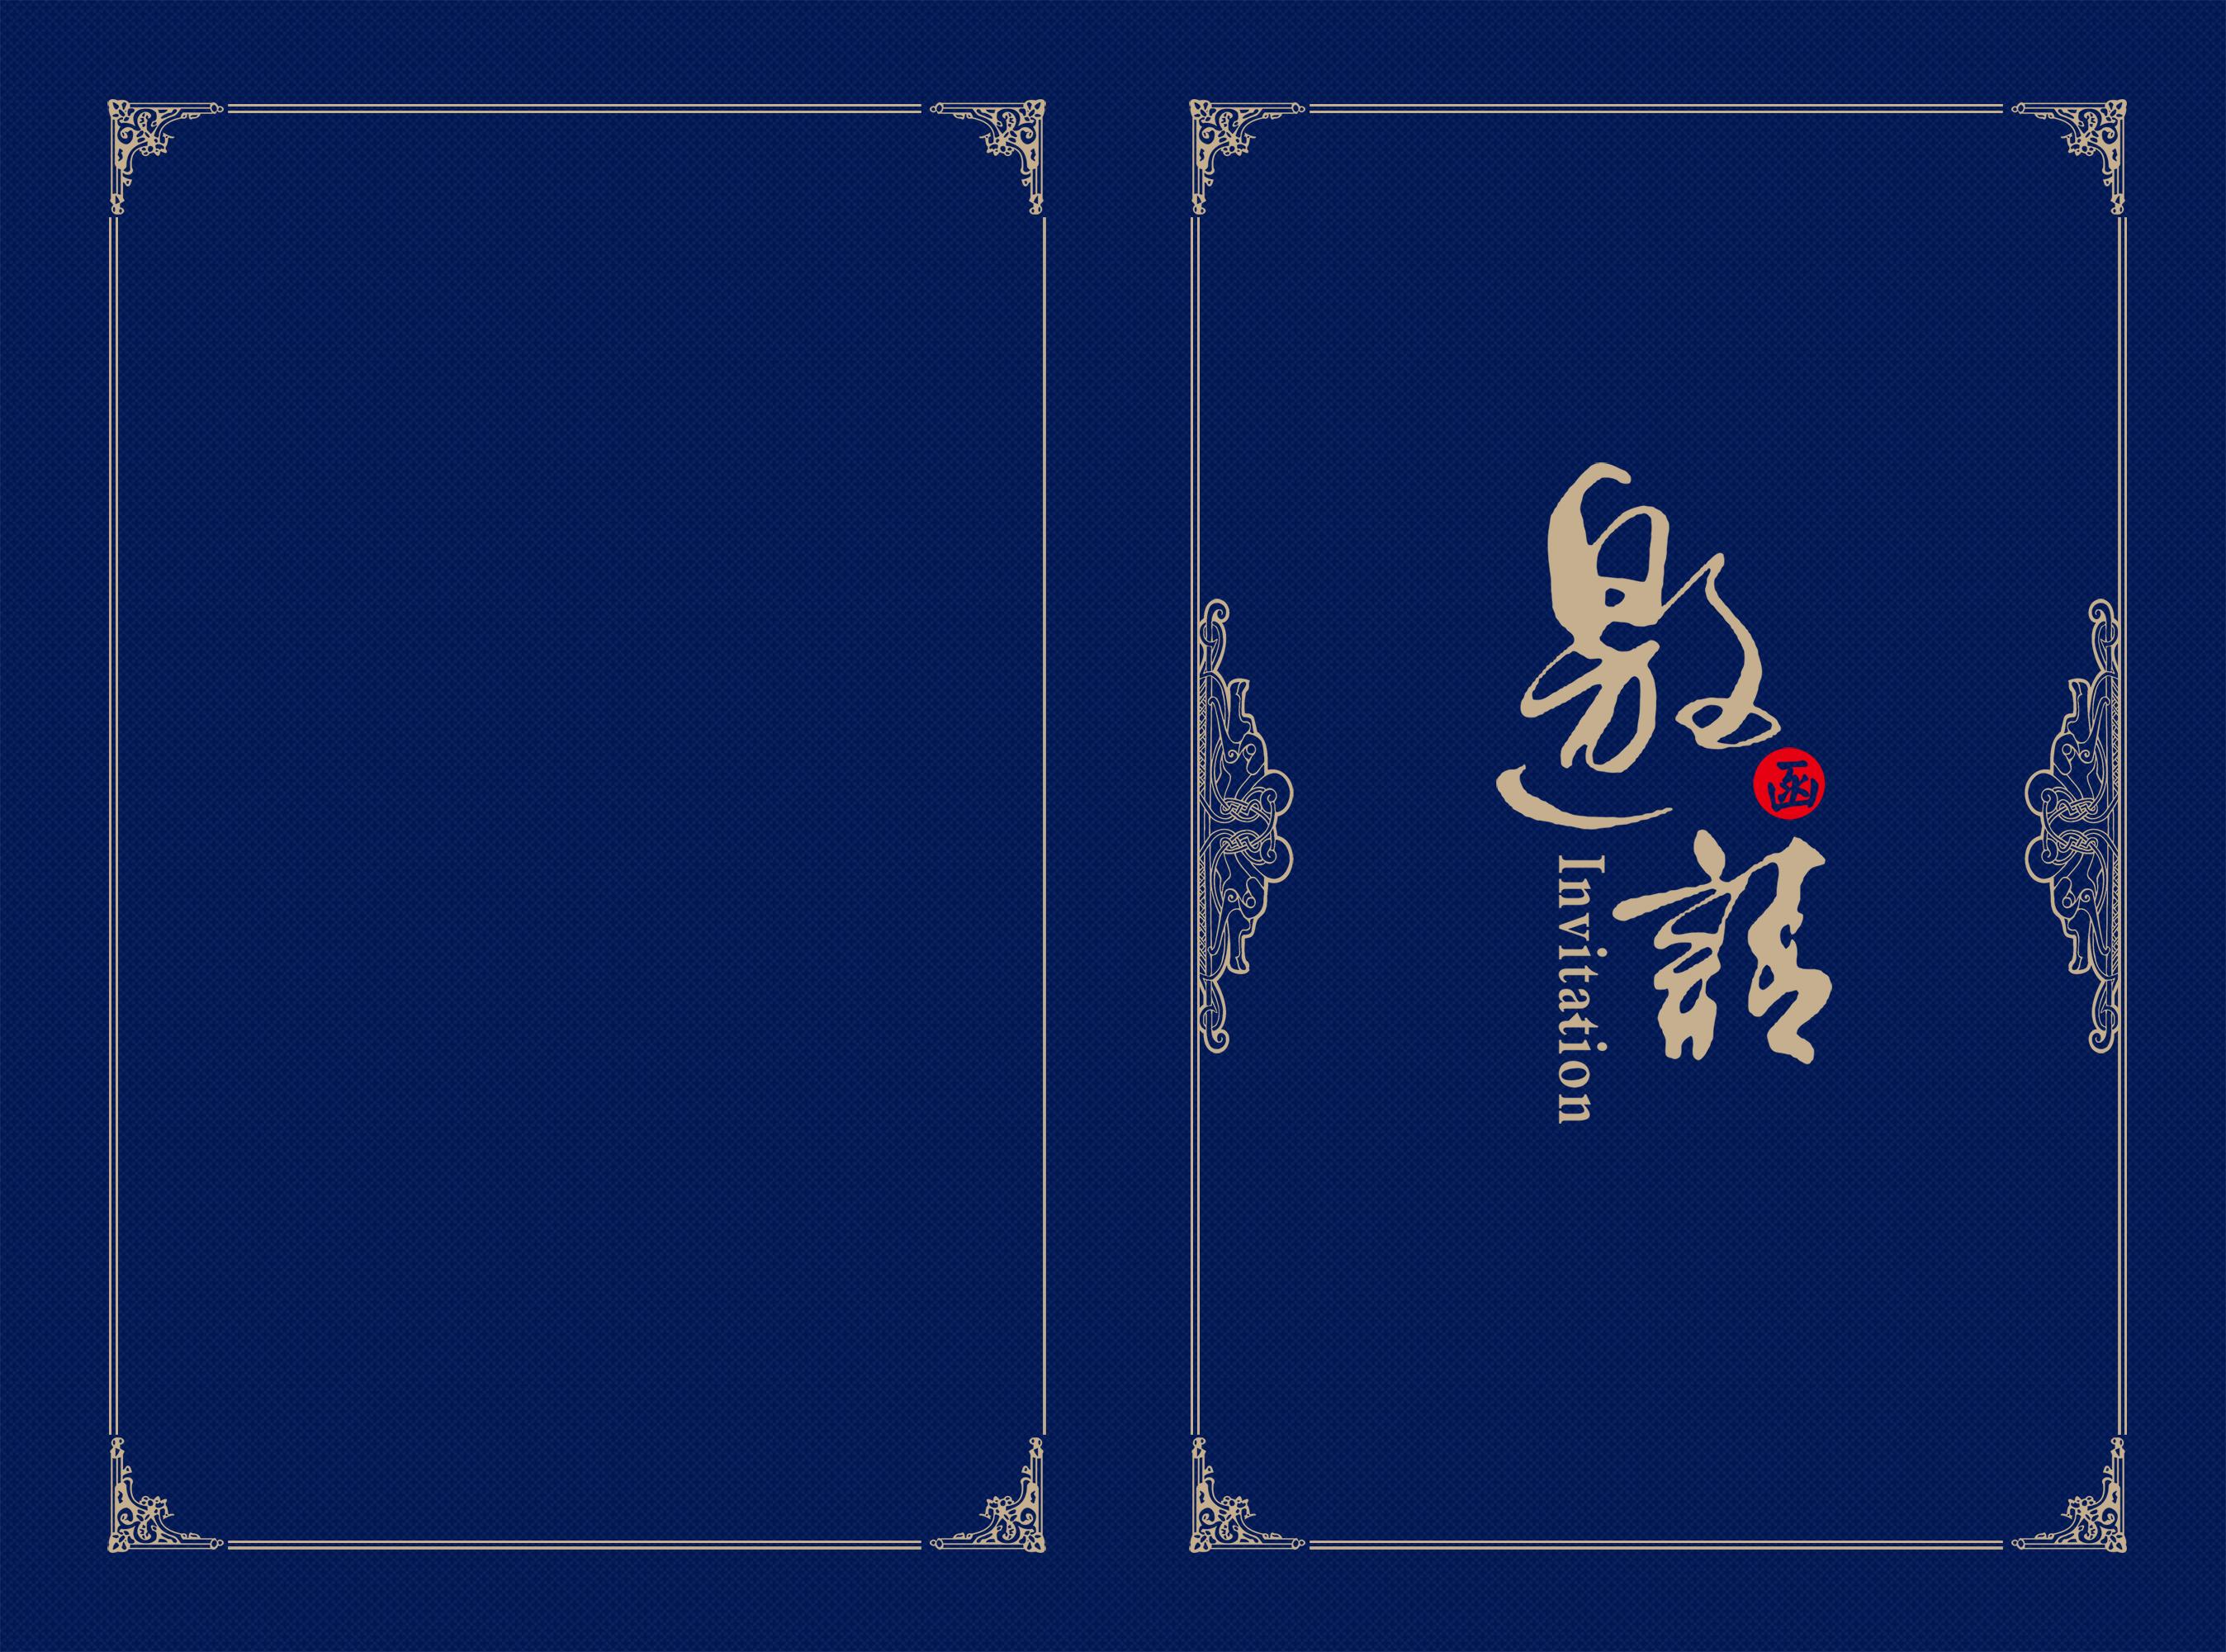 bleu fonc u00e9 profond des invitations de la mati u00e8re de fond  bleu fonc u00e9  profond  lettre d